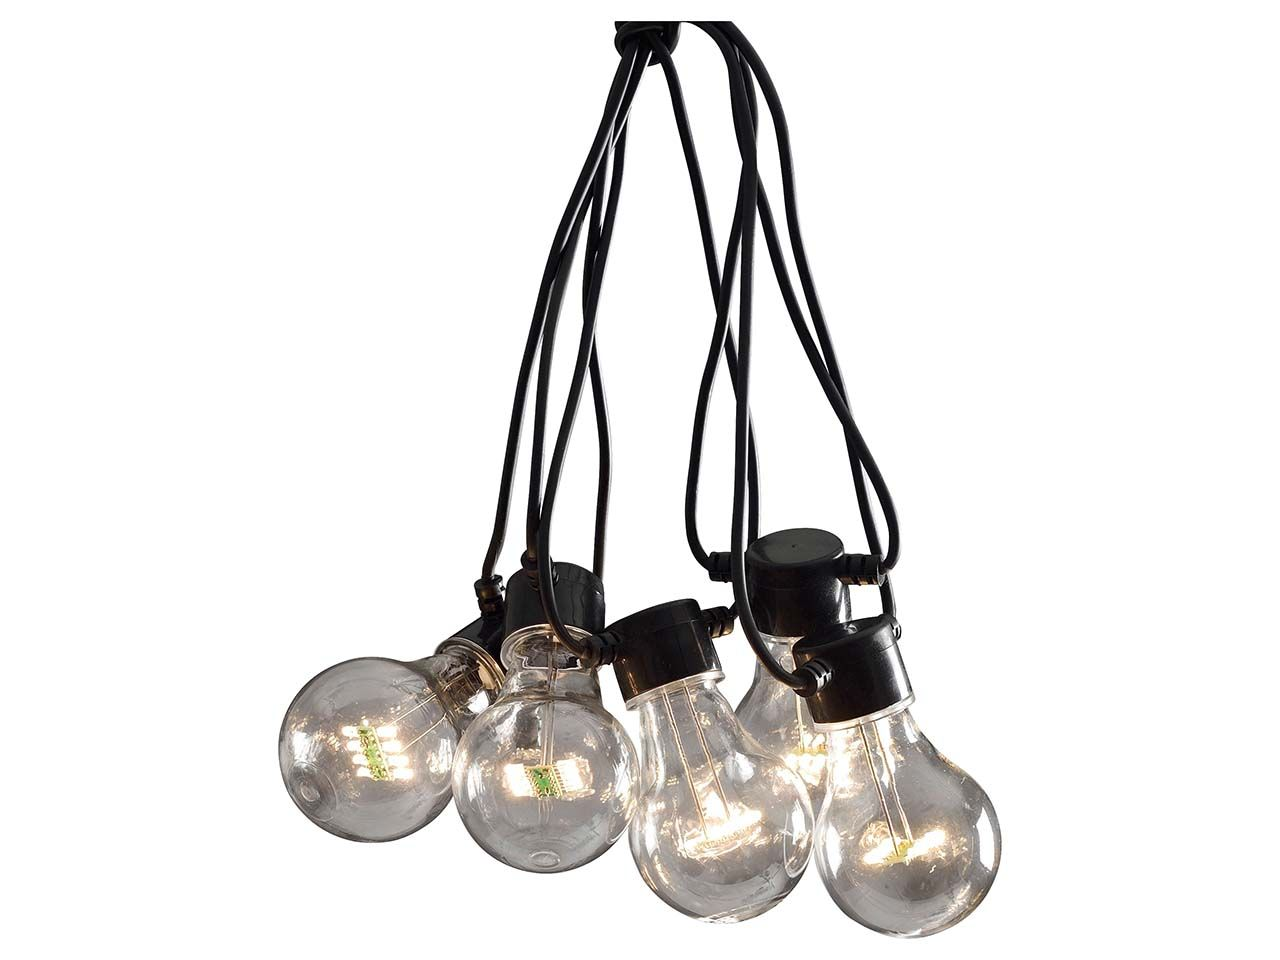 Konstsmide Erweiterung für klare LED-Lichterkette 24 V, 10 Birnen, 9 m 2399-100